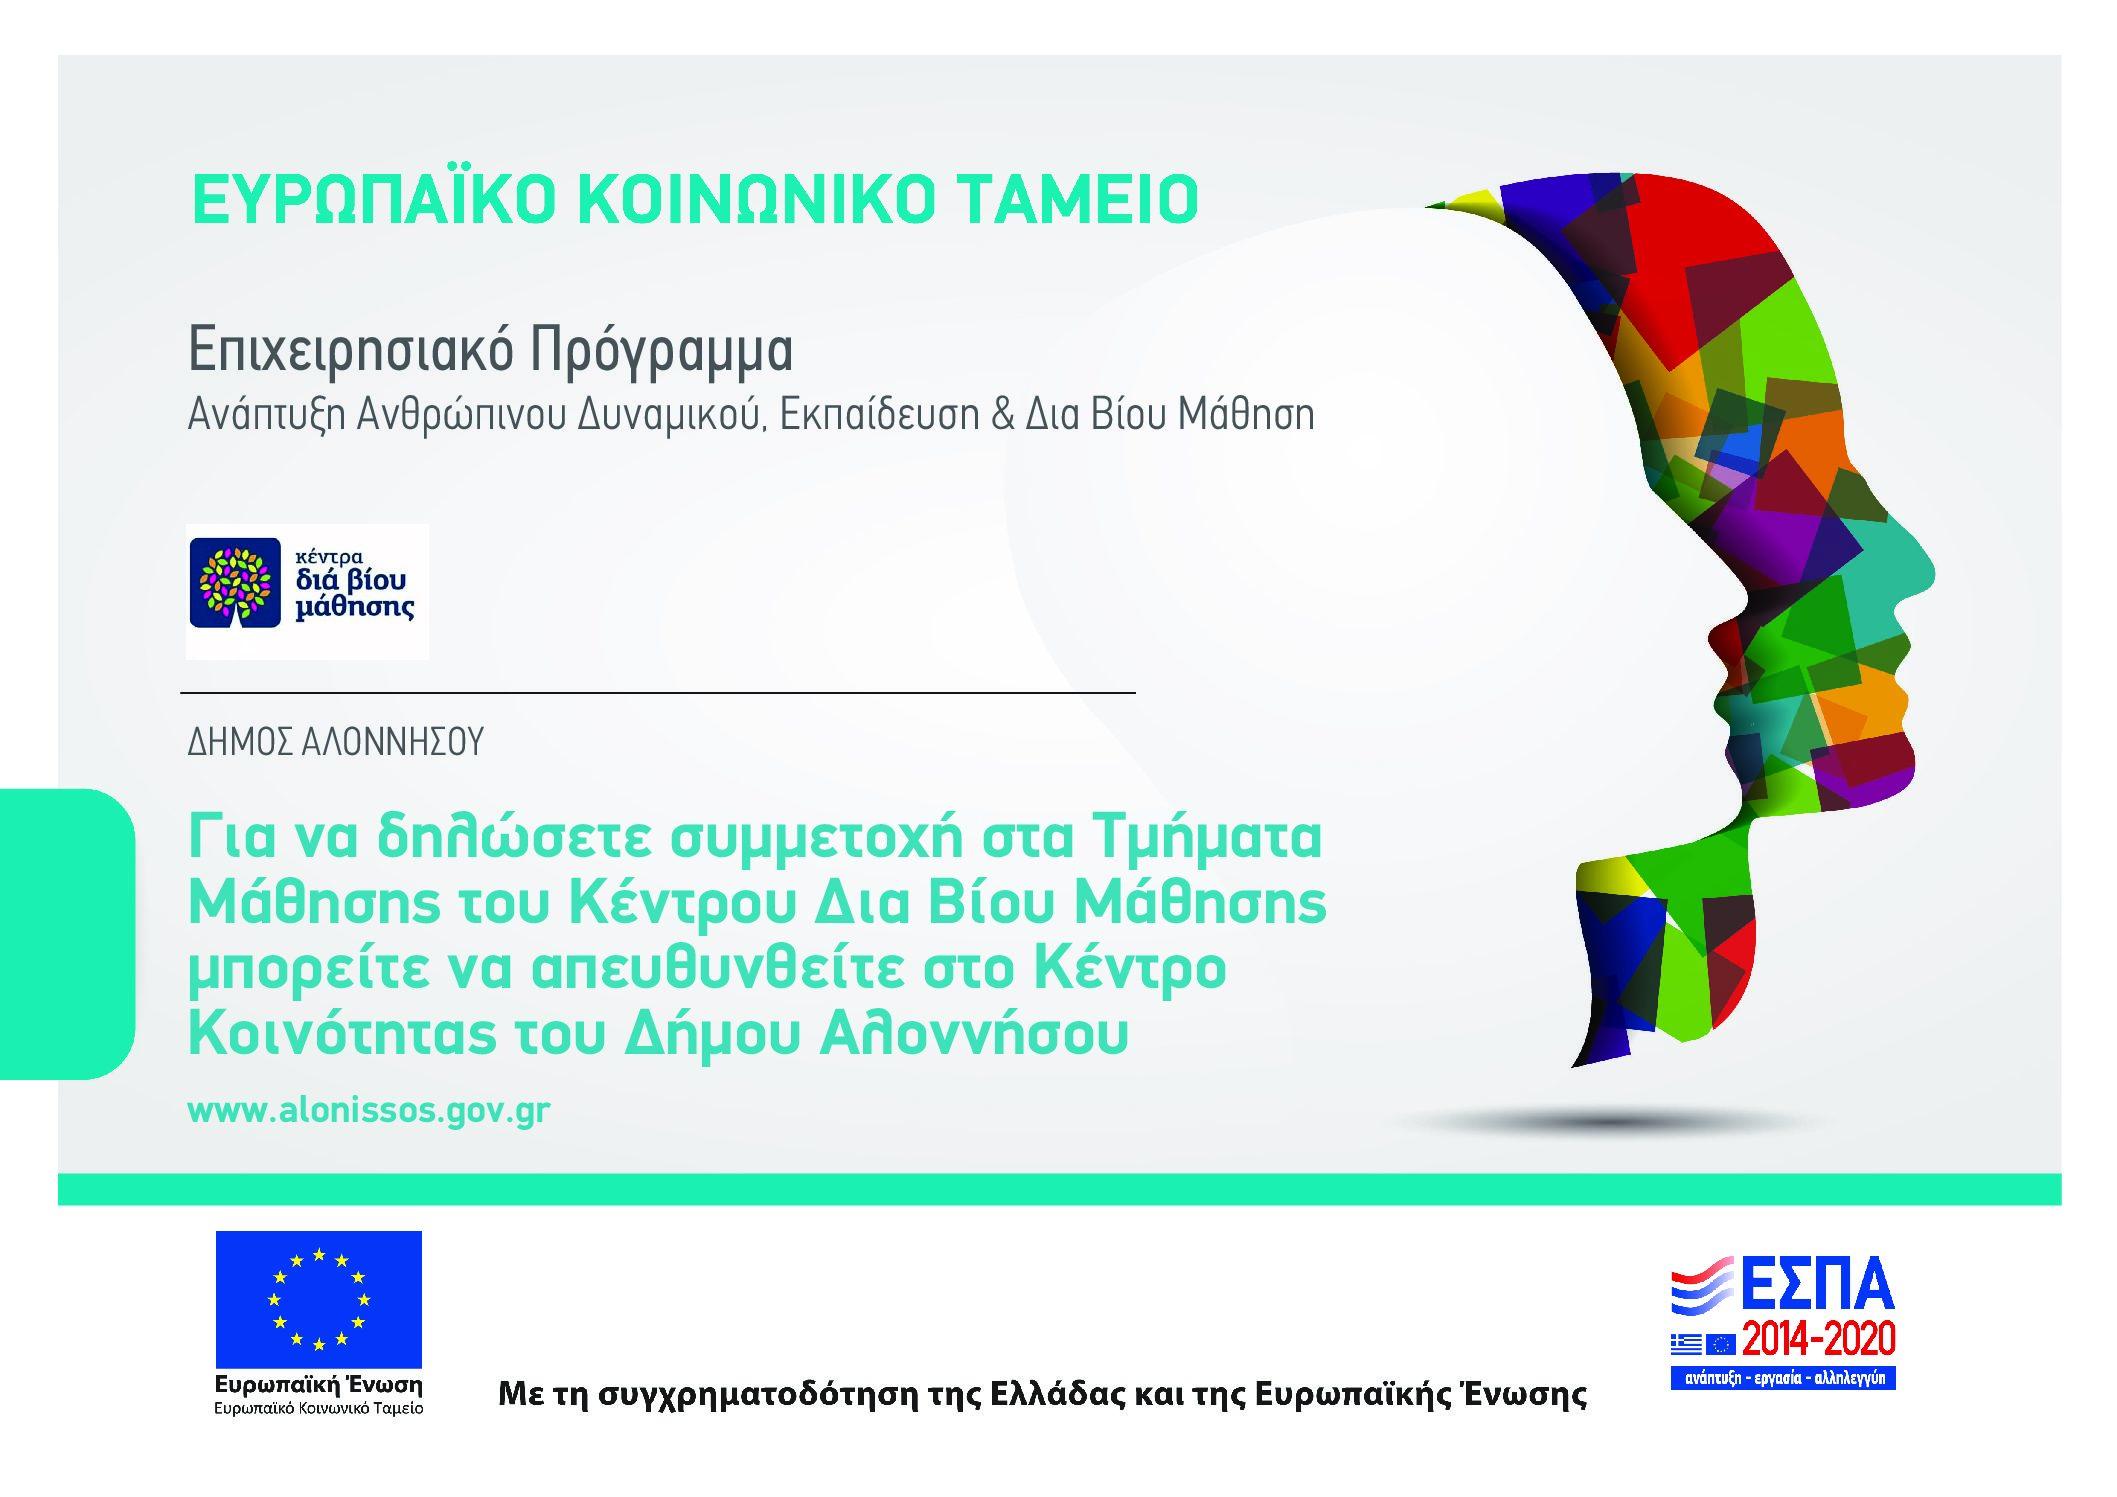 Πρόσκληση εκδήλωσης ενδιαφέροντος συμμετοχής στα τμήματα μάθησης του Κέντρου Διά  Βίου Μάθησης (Κ.Δ.Β.Μ.) Δήμου Αλοννήσου